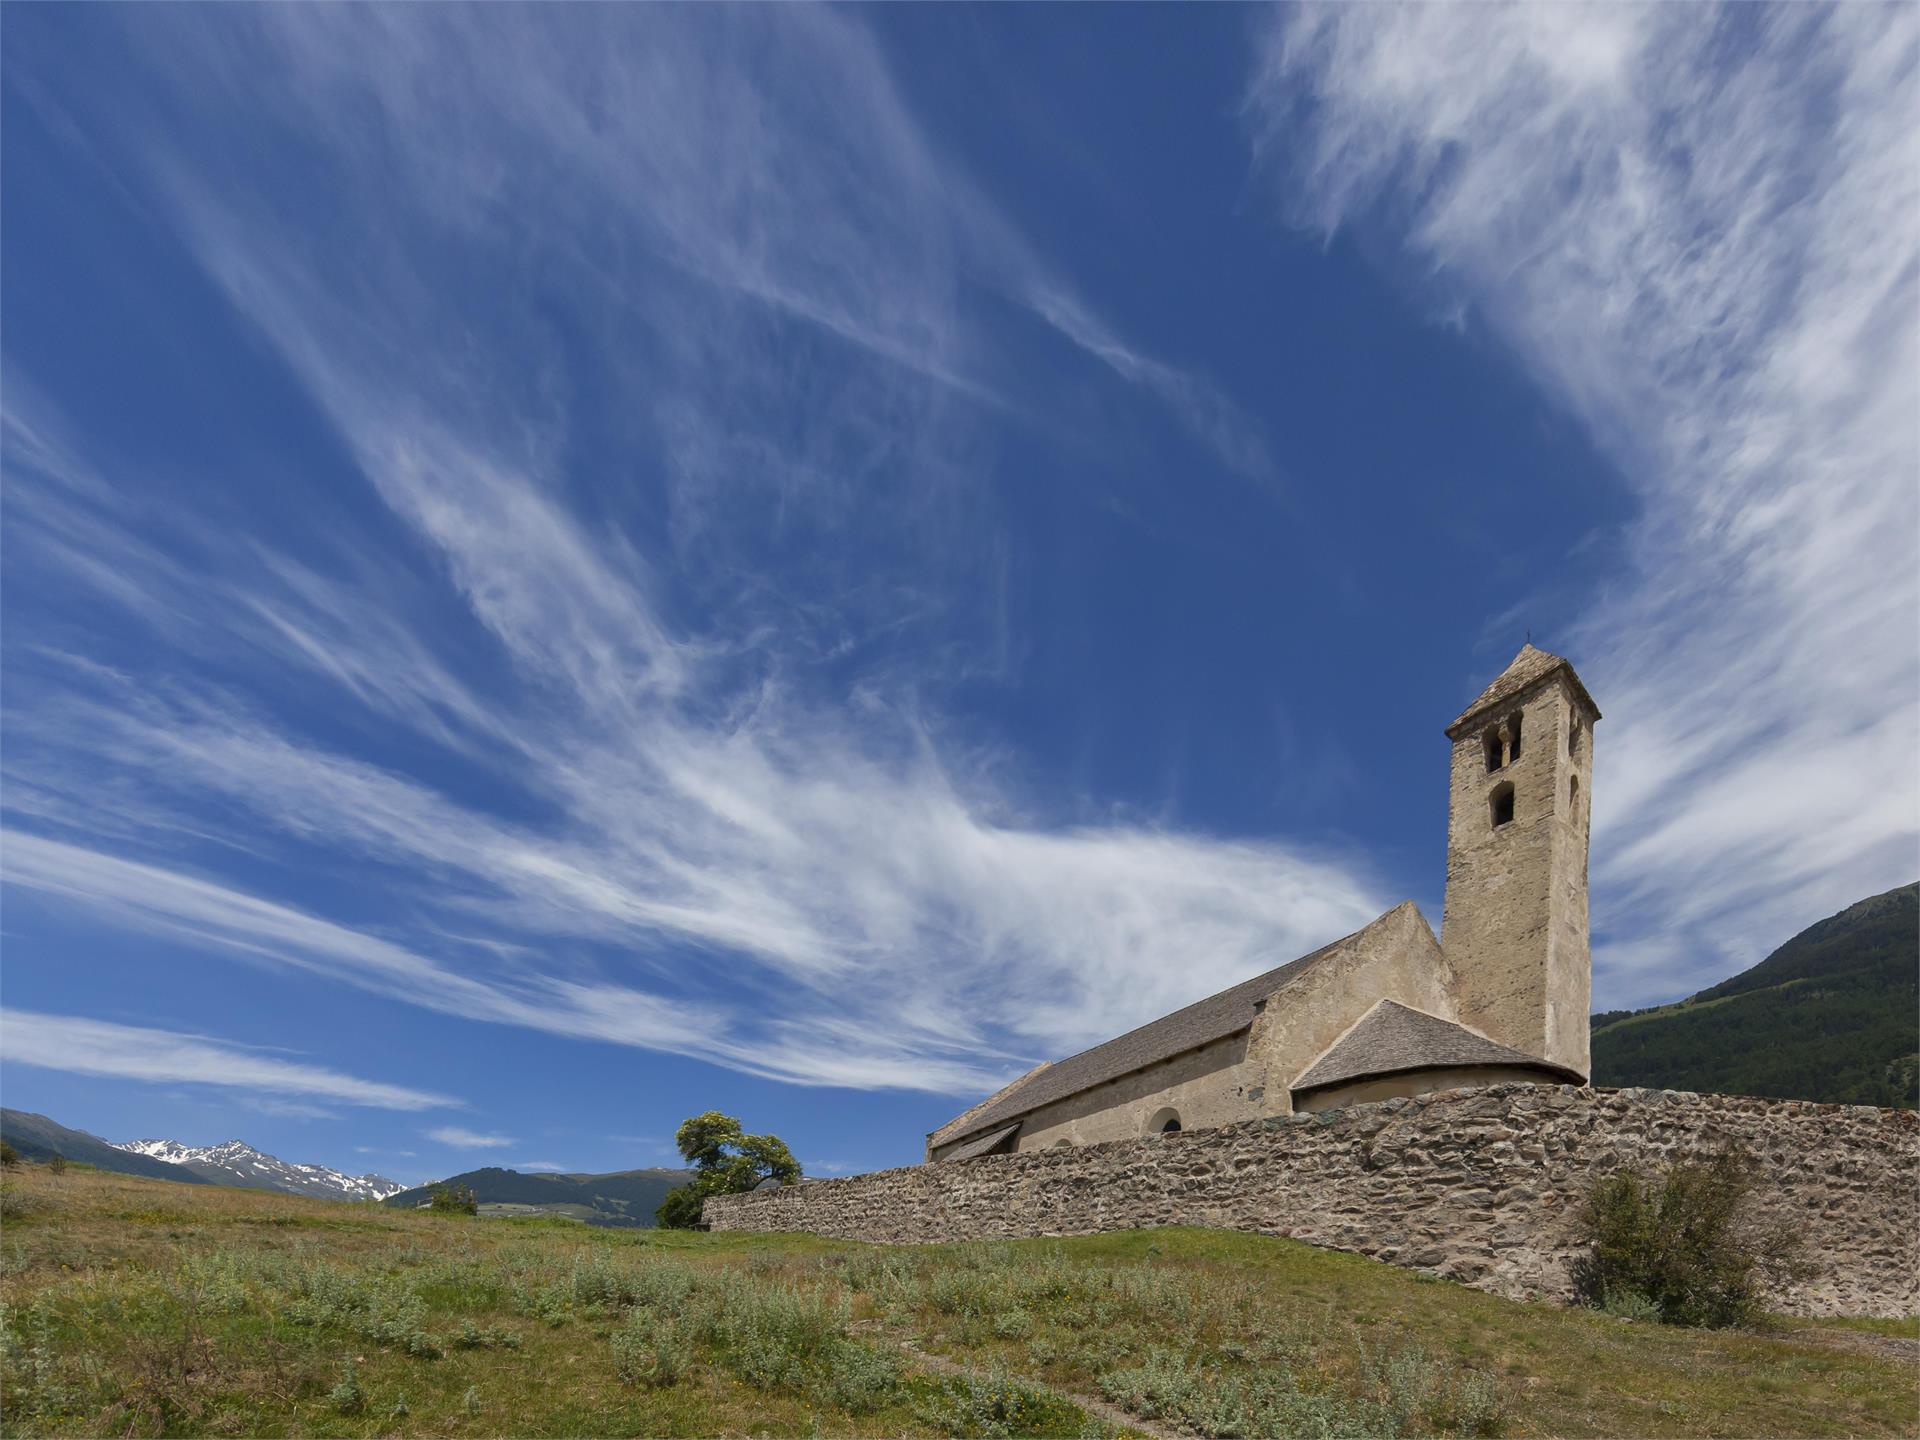 Chiesa di San Vito e scavi archeologici